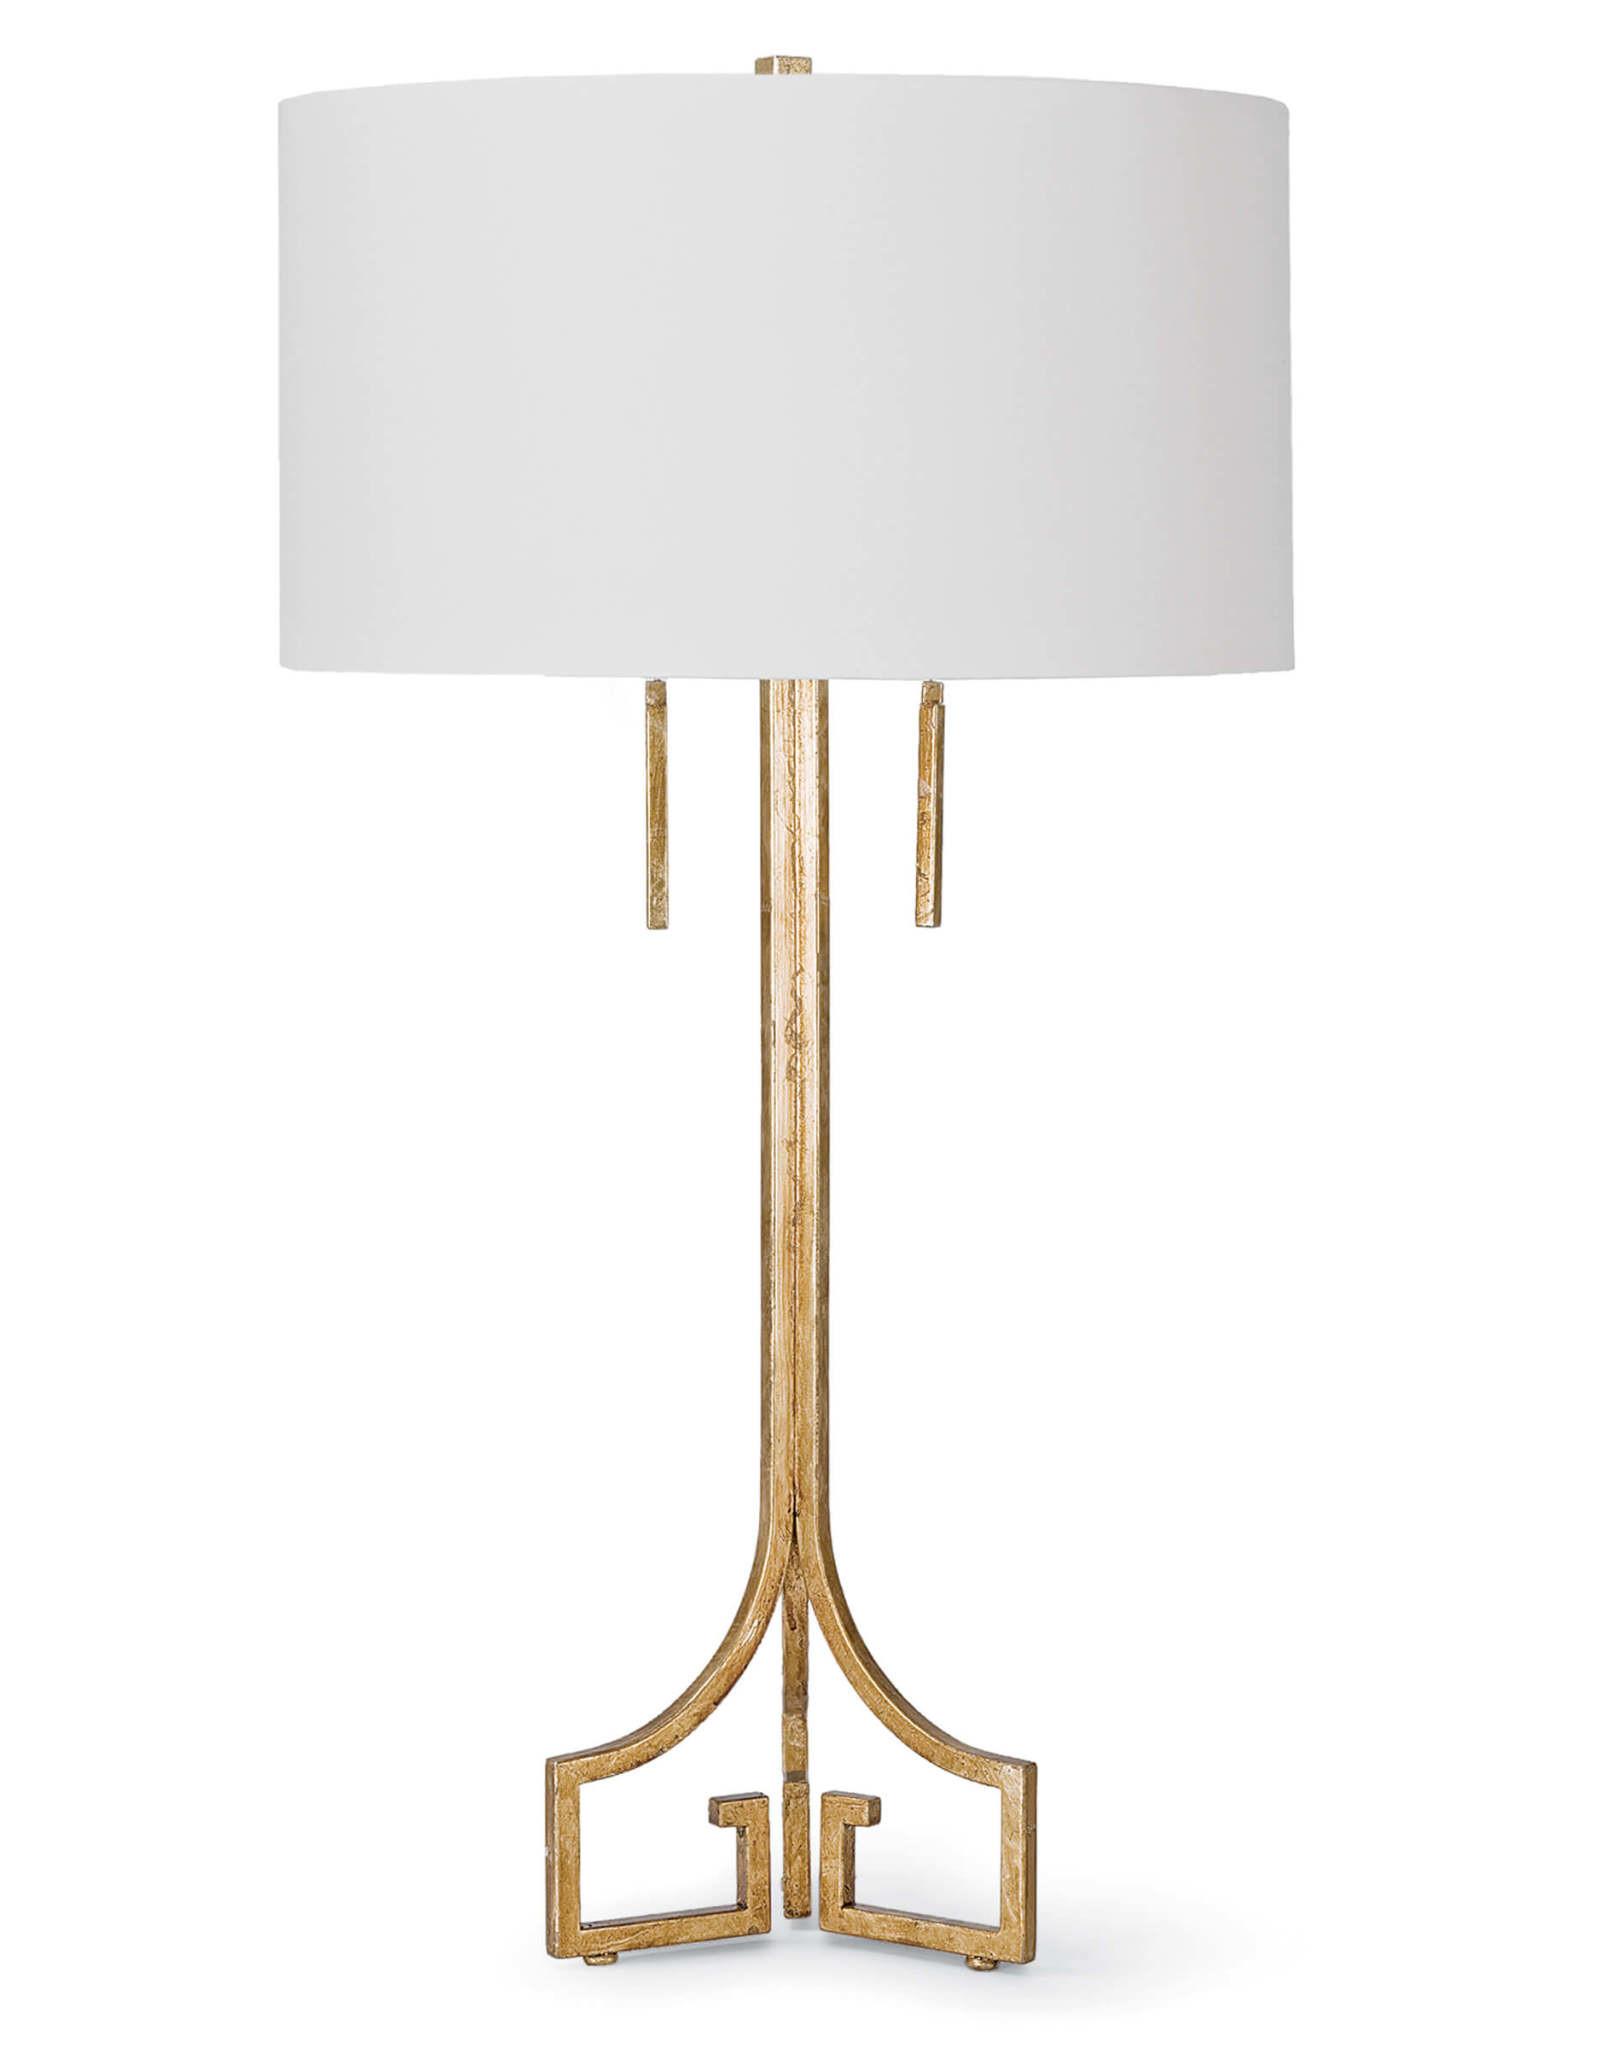 Regina Andrew Design Le Chic Table Lamp (Antique Gold Leaf)